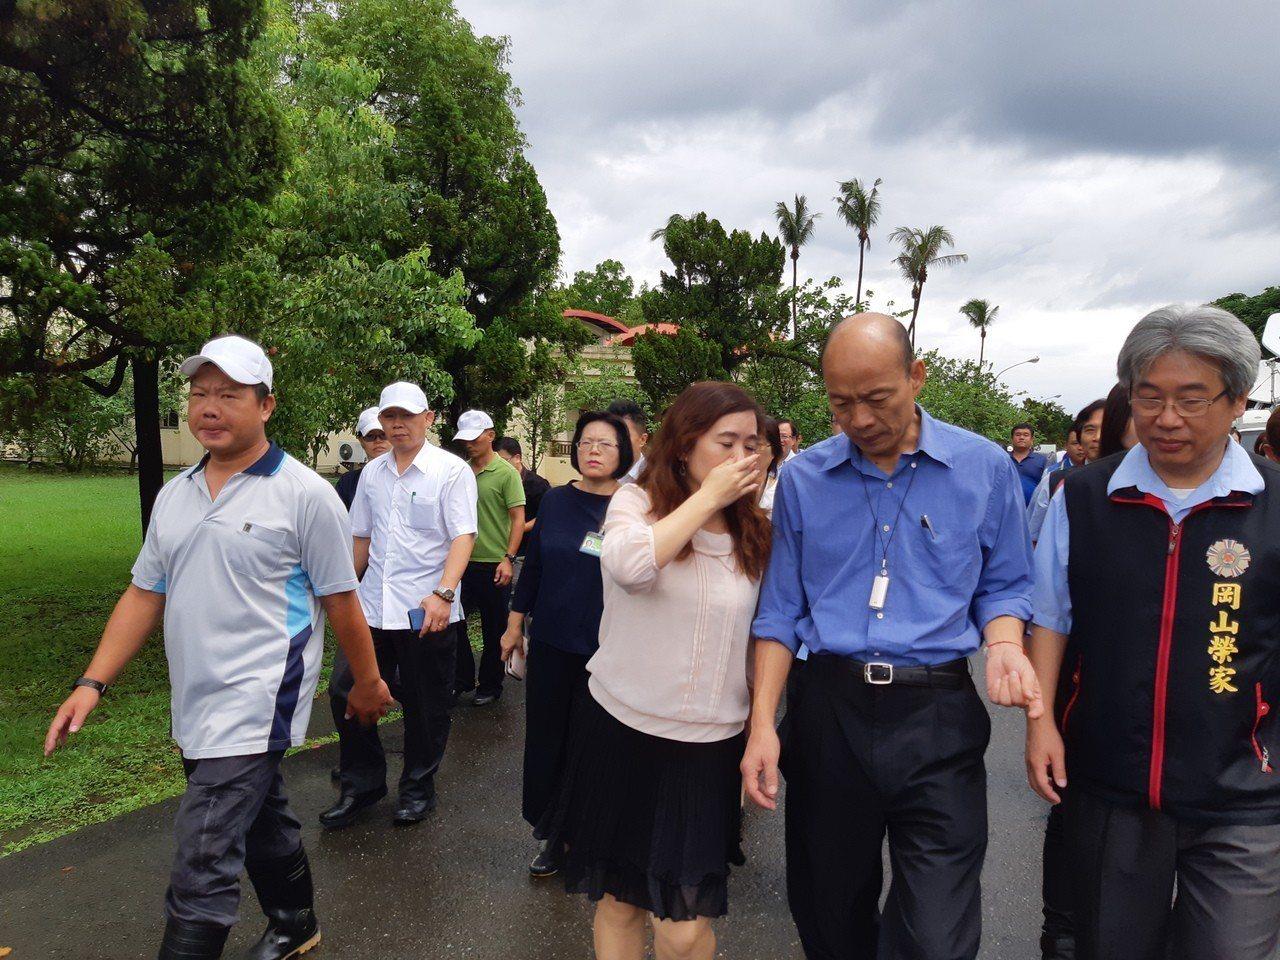 高雄市長韓國瑜視察岡山榮民之家,替汛期安置提前準備。記者賴郁薇/攝影